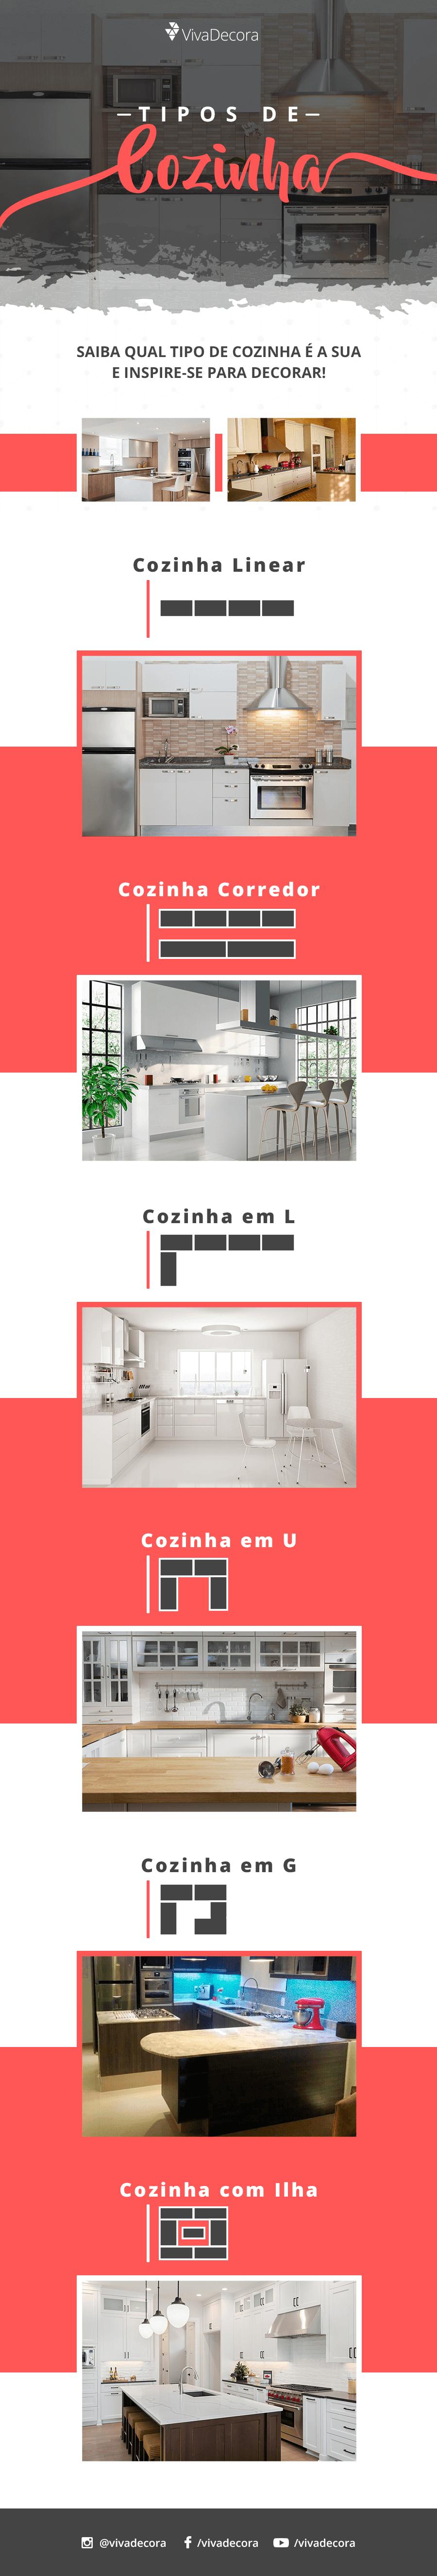 Infográfico - Tipos de Cozinha